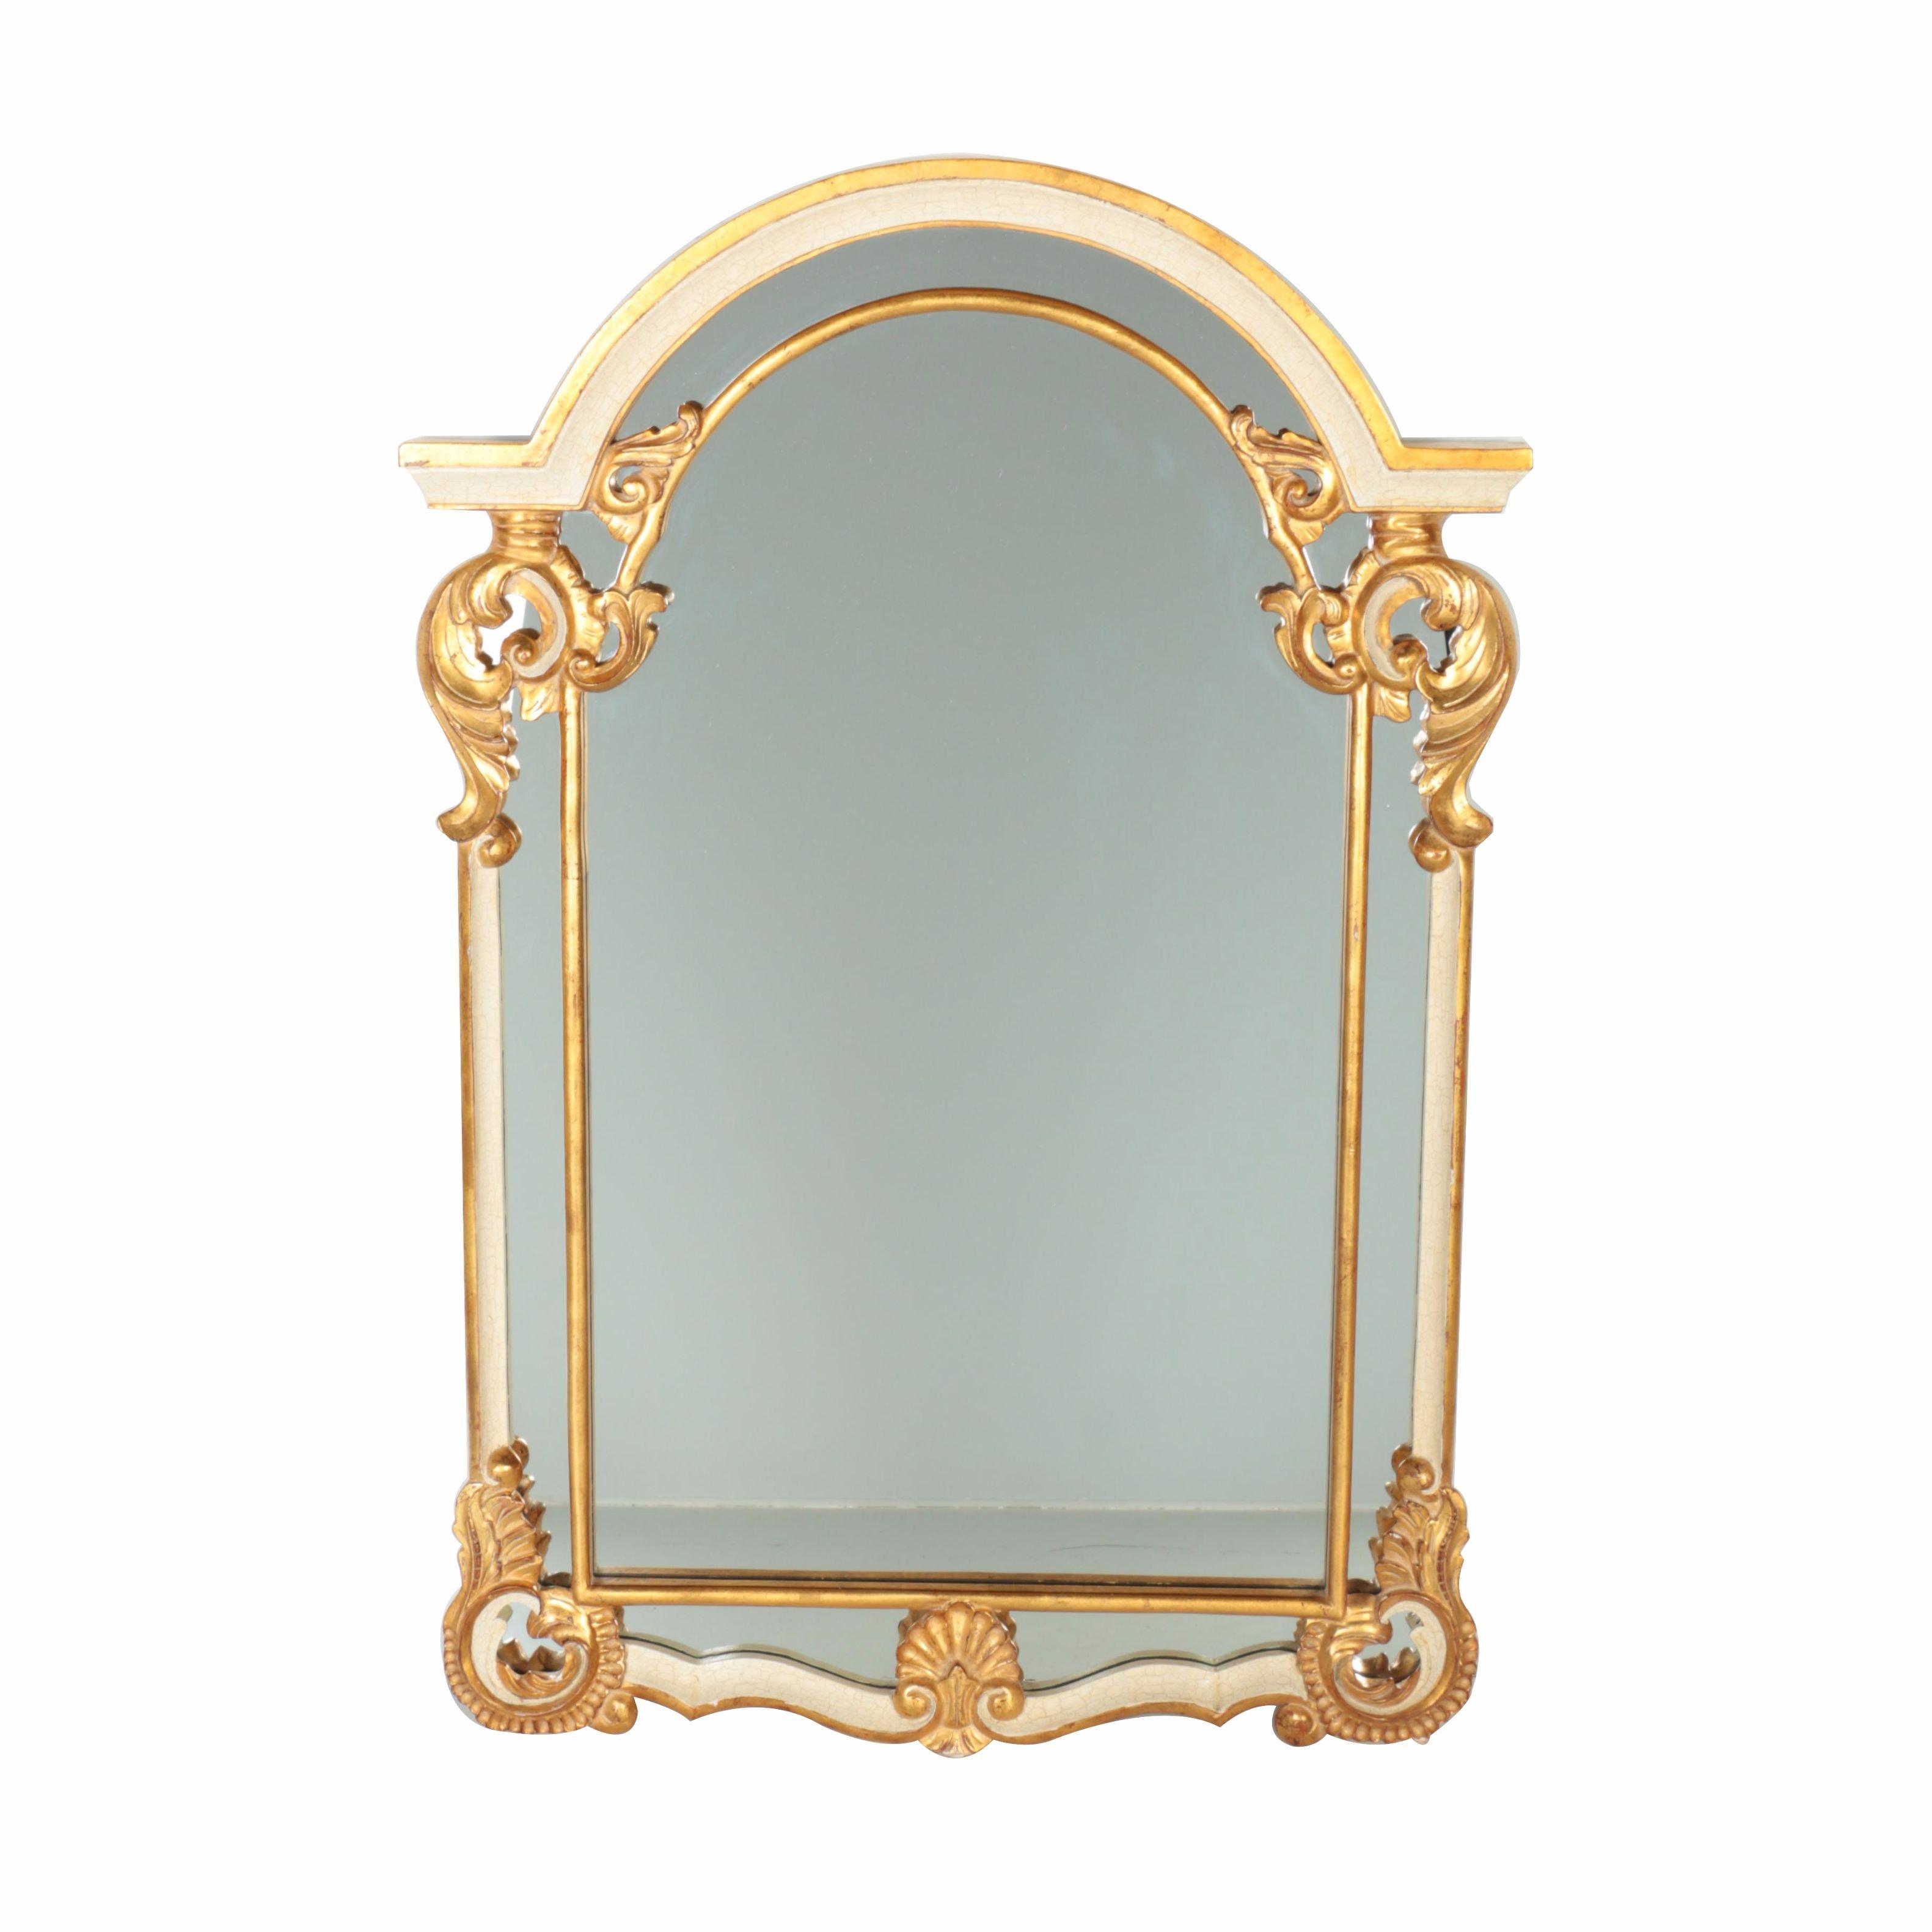 Harrison & Gil Decorative White and Gold Tone Mirror